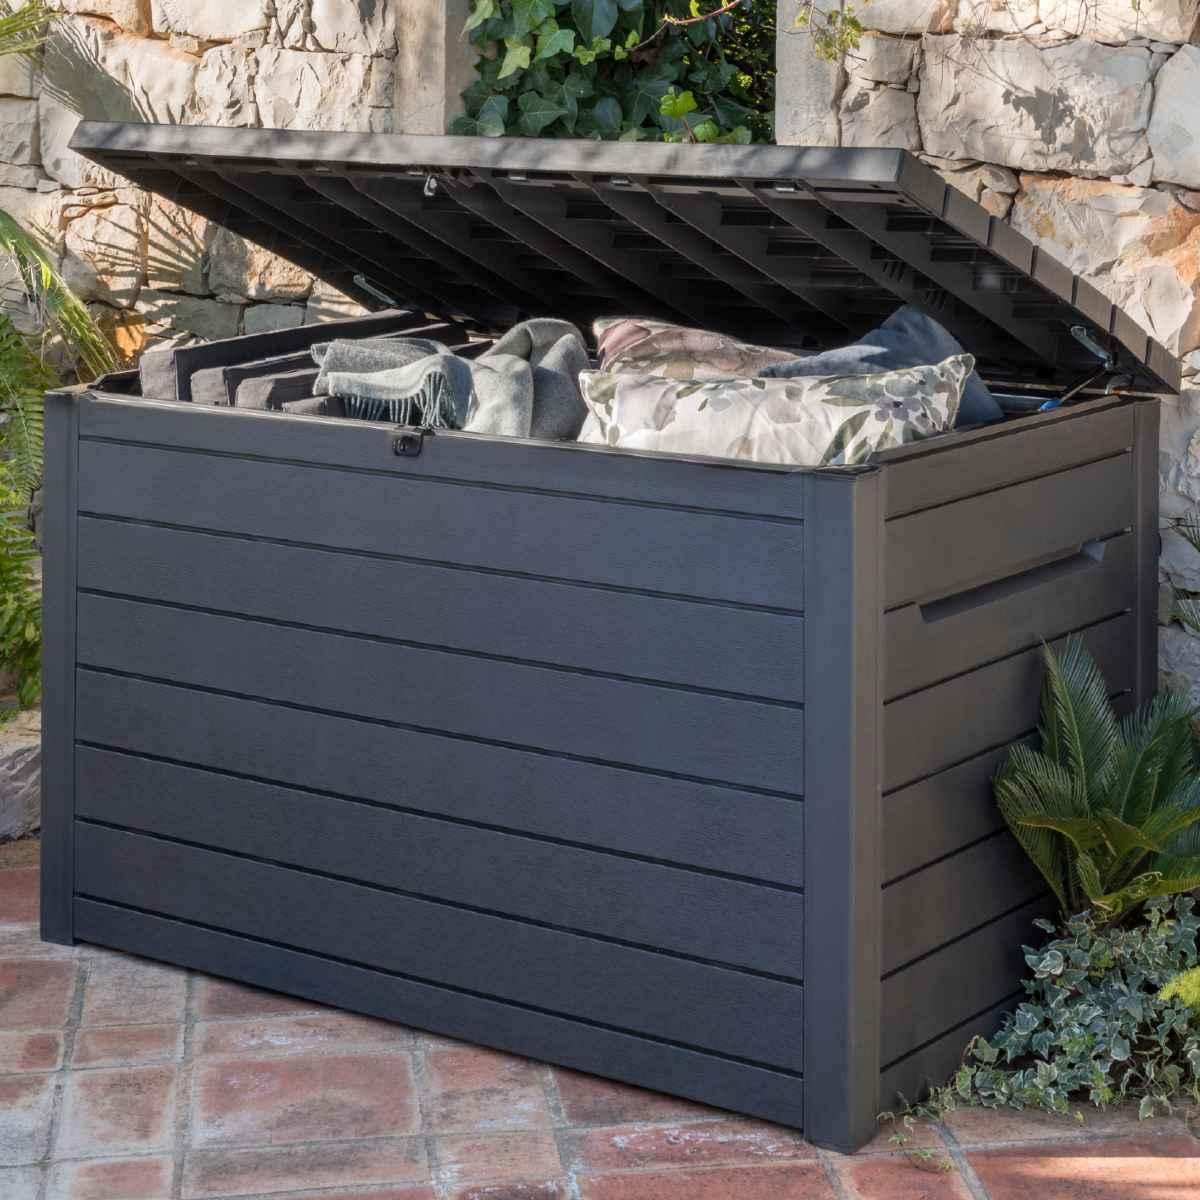 Keter 870L XXL Deck Storage Box - Anthracite Grey